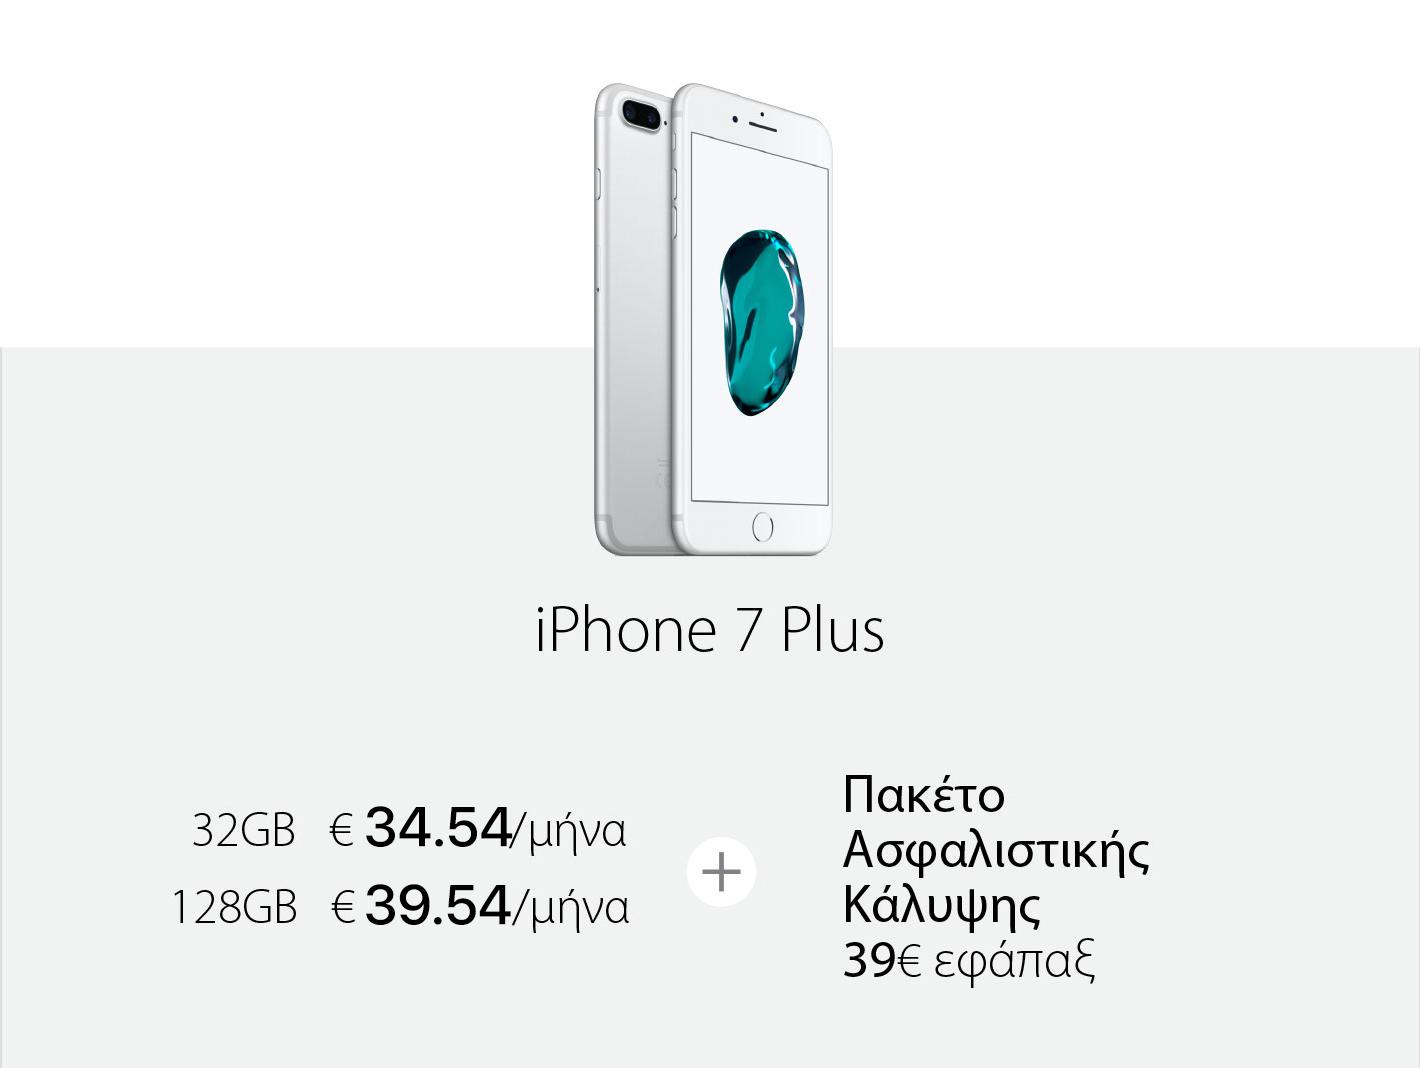 Χαμηλή μηνιαία δόση iPhone 7 Plus